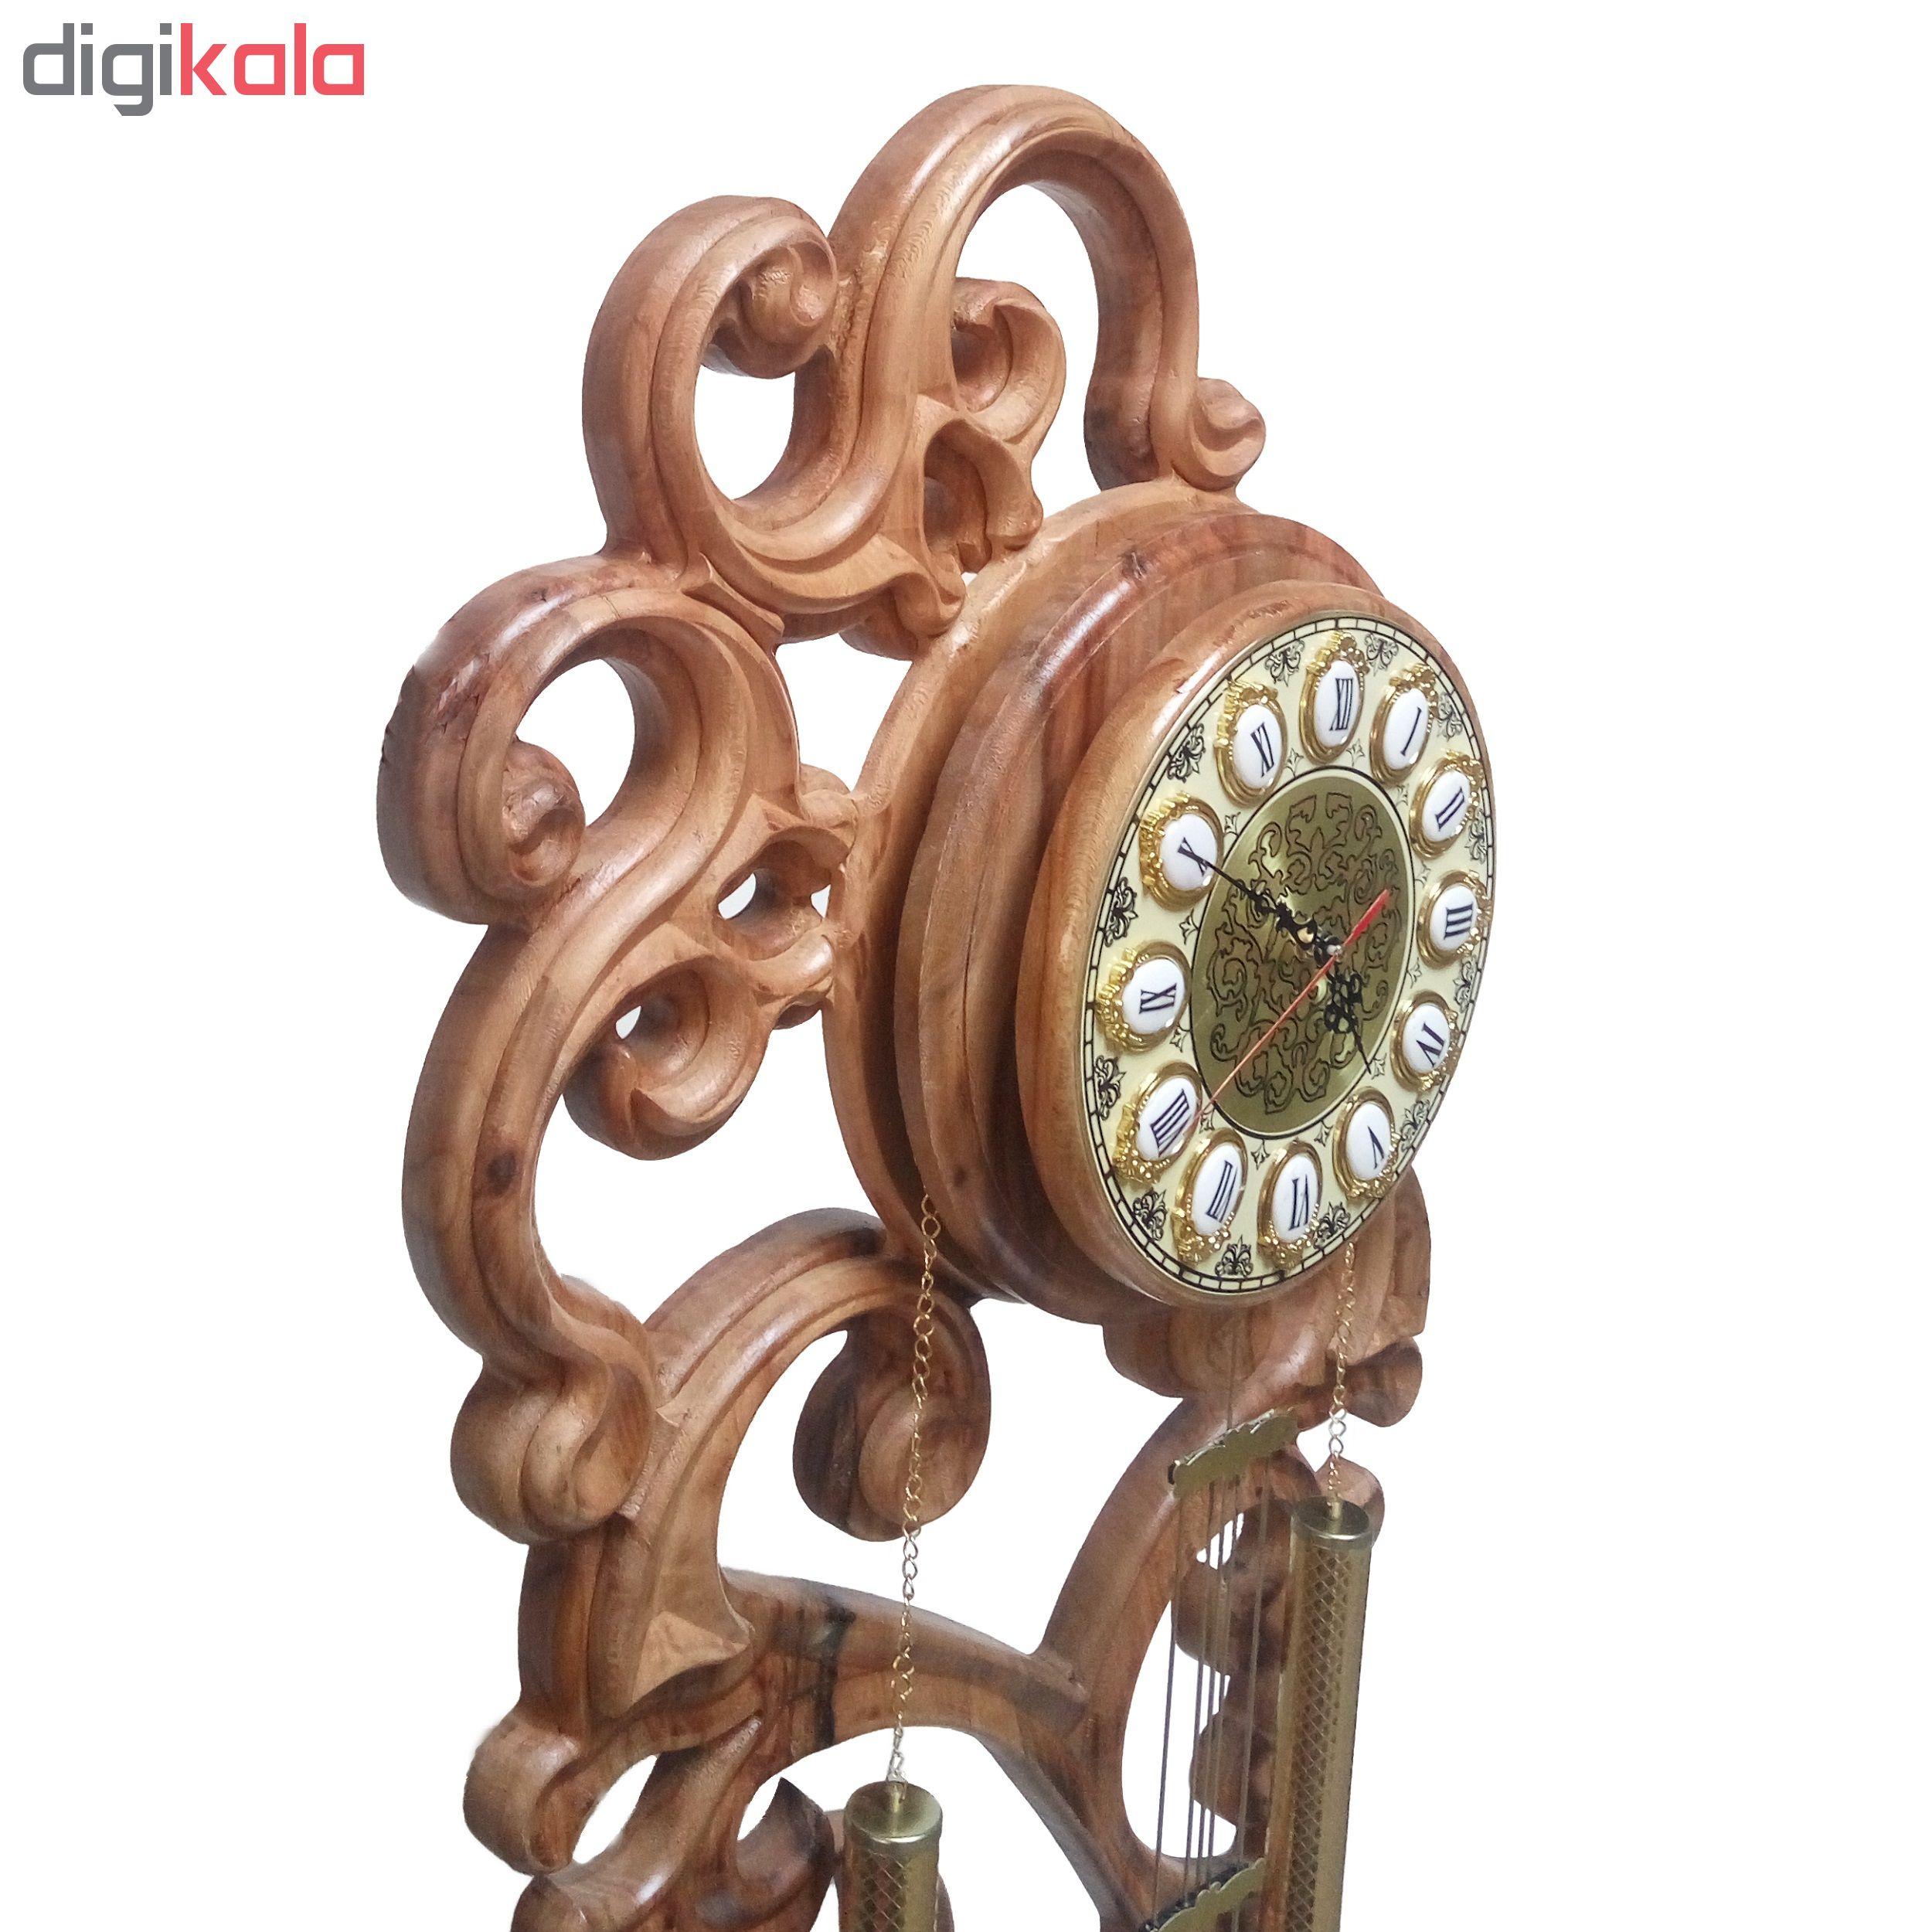 ساعت ایستاده چوبی چوبیس کد 1_500